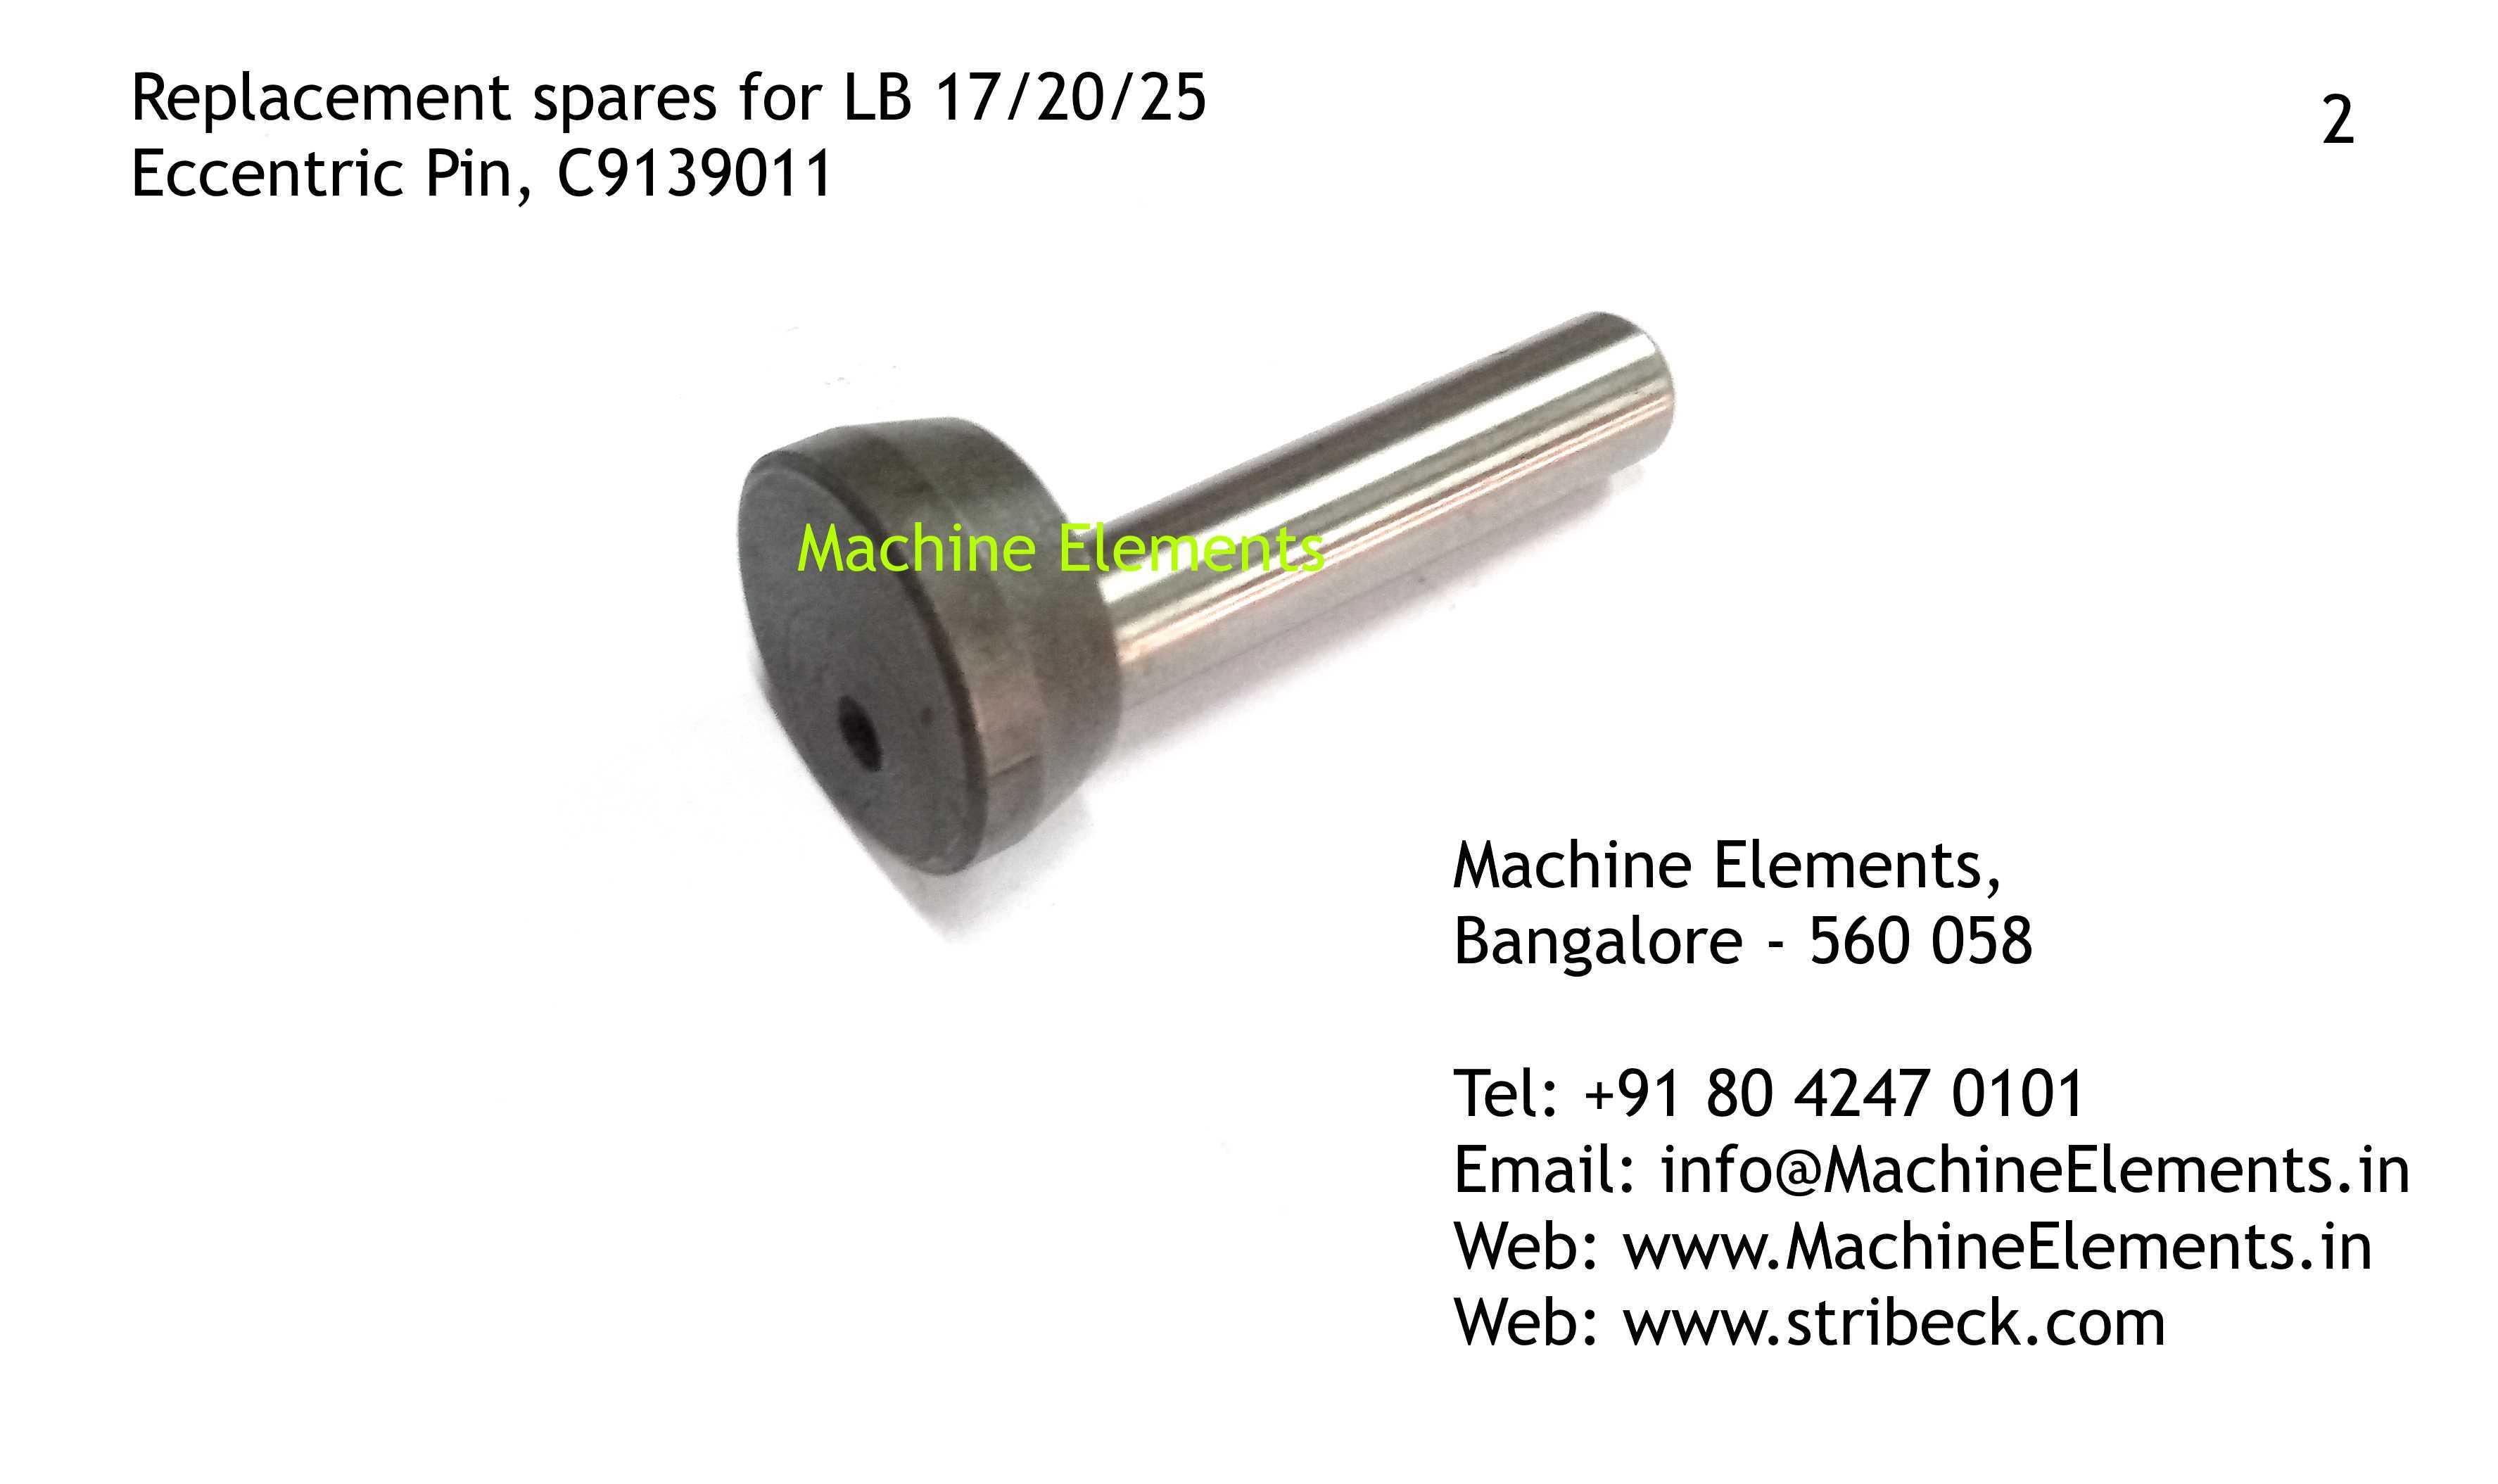 Eccentric Pin, C9139011